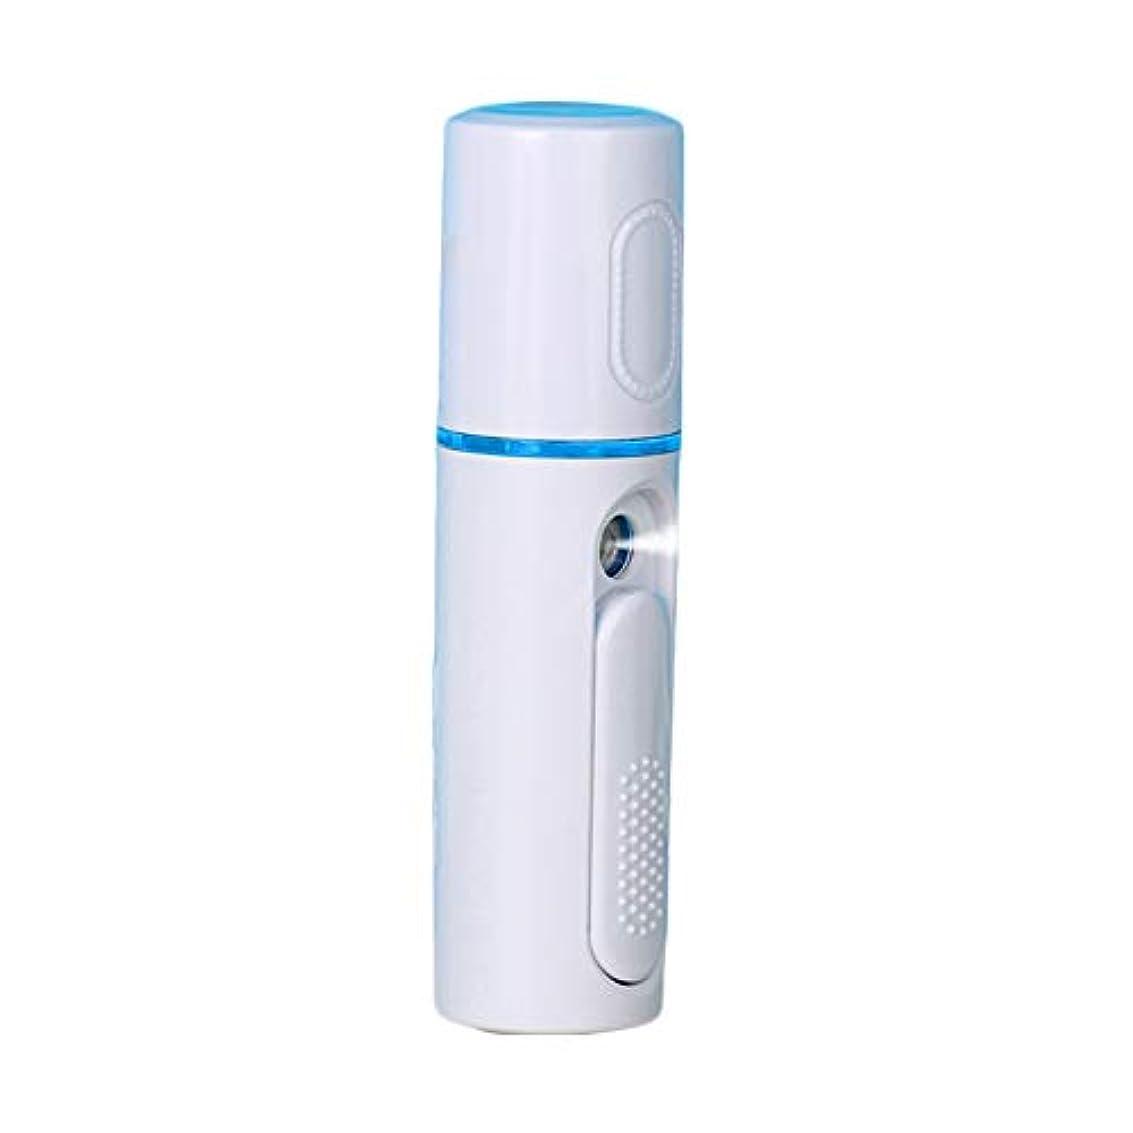 派生するペスト不注意美顔器 噴霧式 ミニ携帯 ハンディ 美顔スプレー保湿 美白顔用加湿器 フェイススチーマー 補水美容器 小型 ナノミスト USB